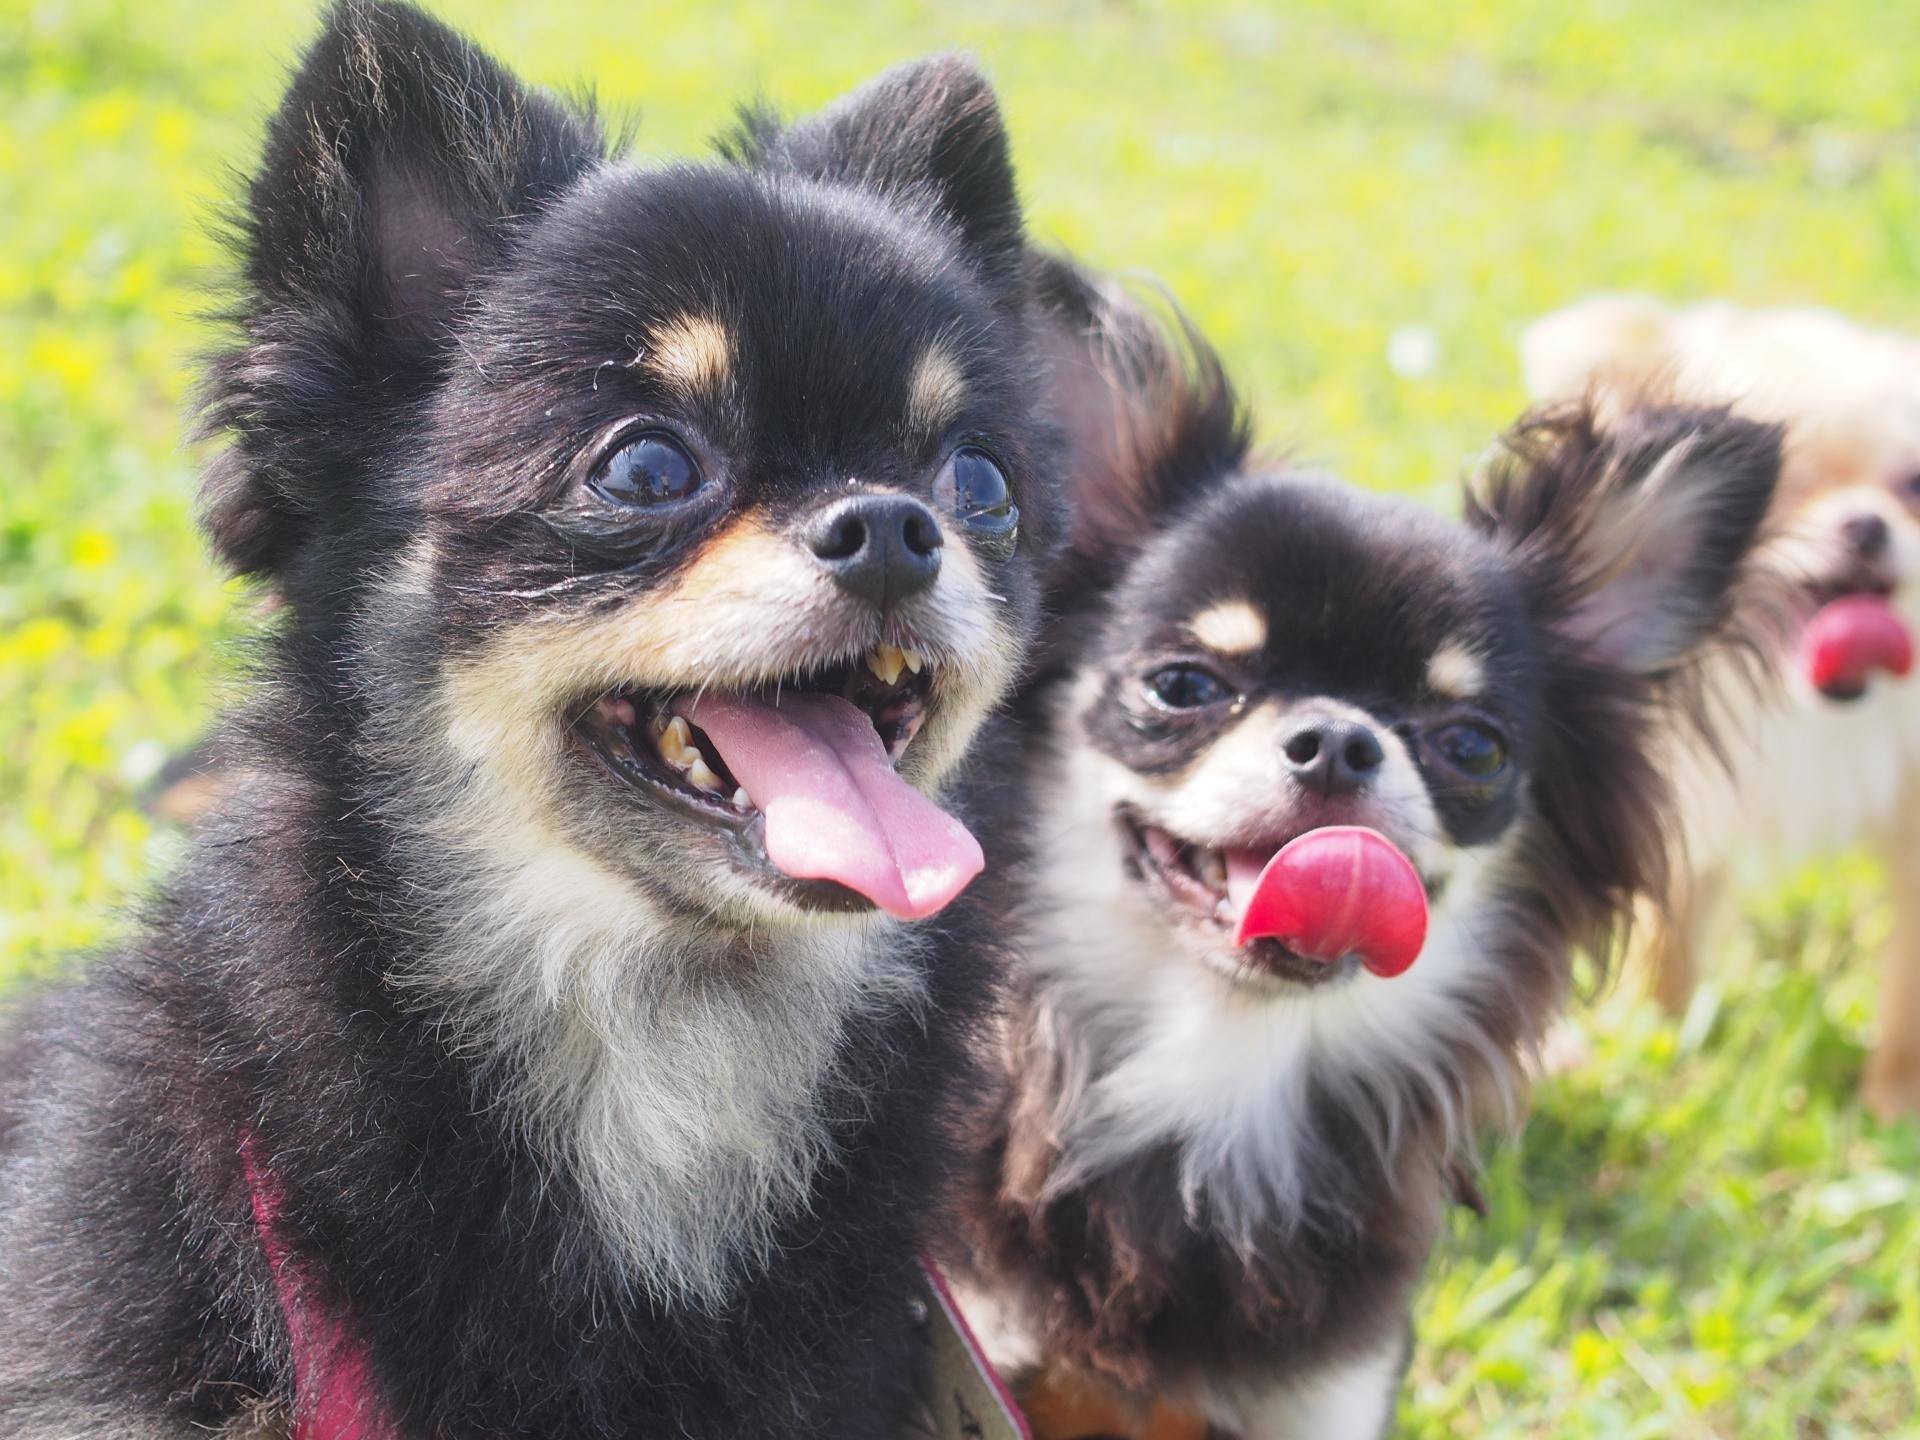 犬を飼う前に知りたい初期費用はいくら?その内訳は?